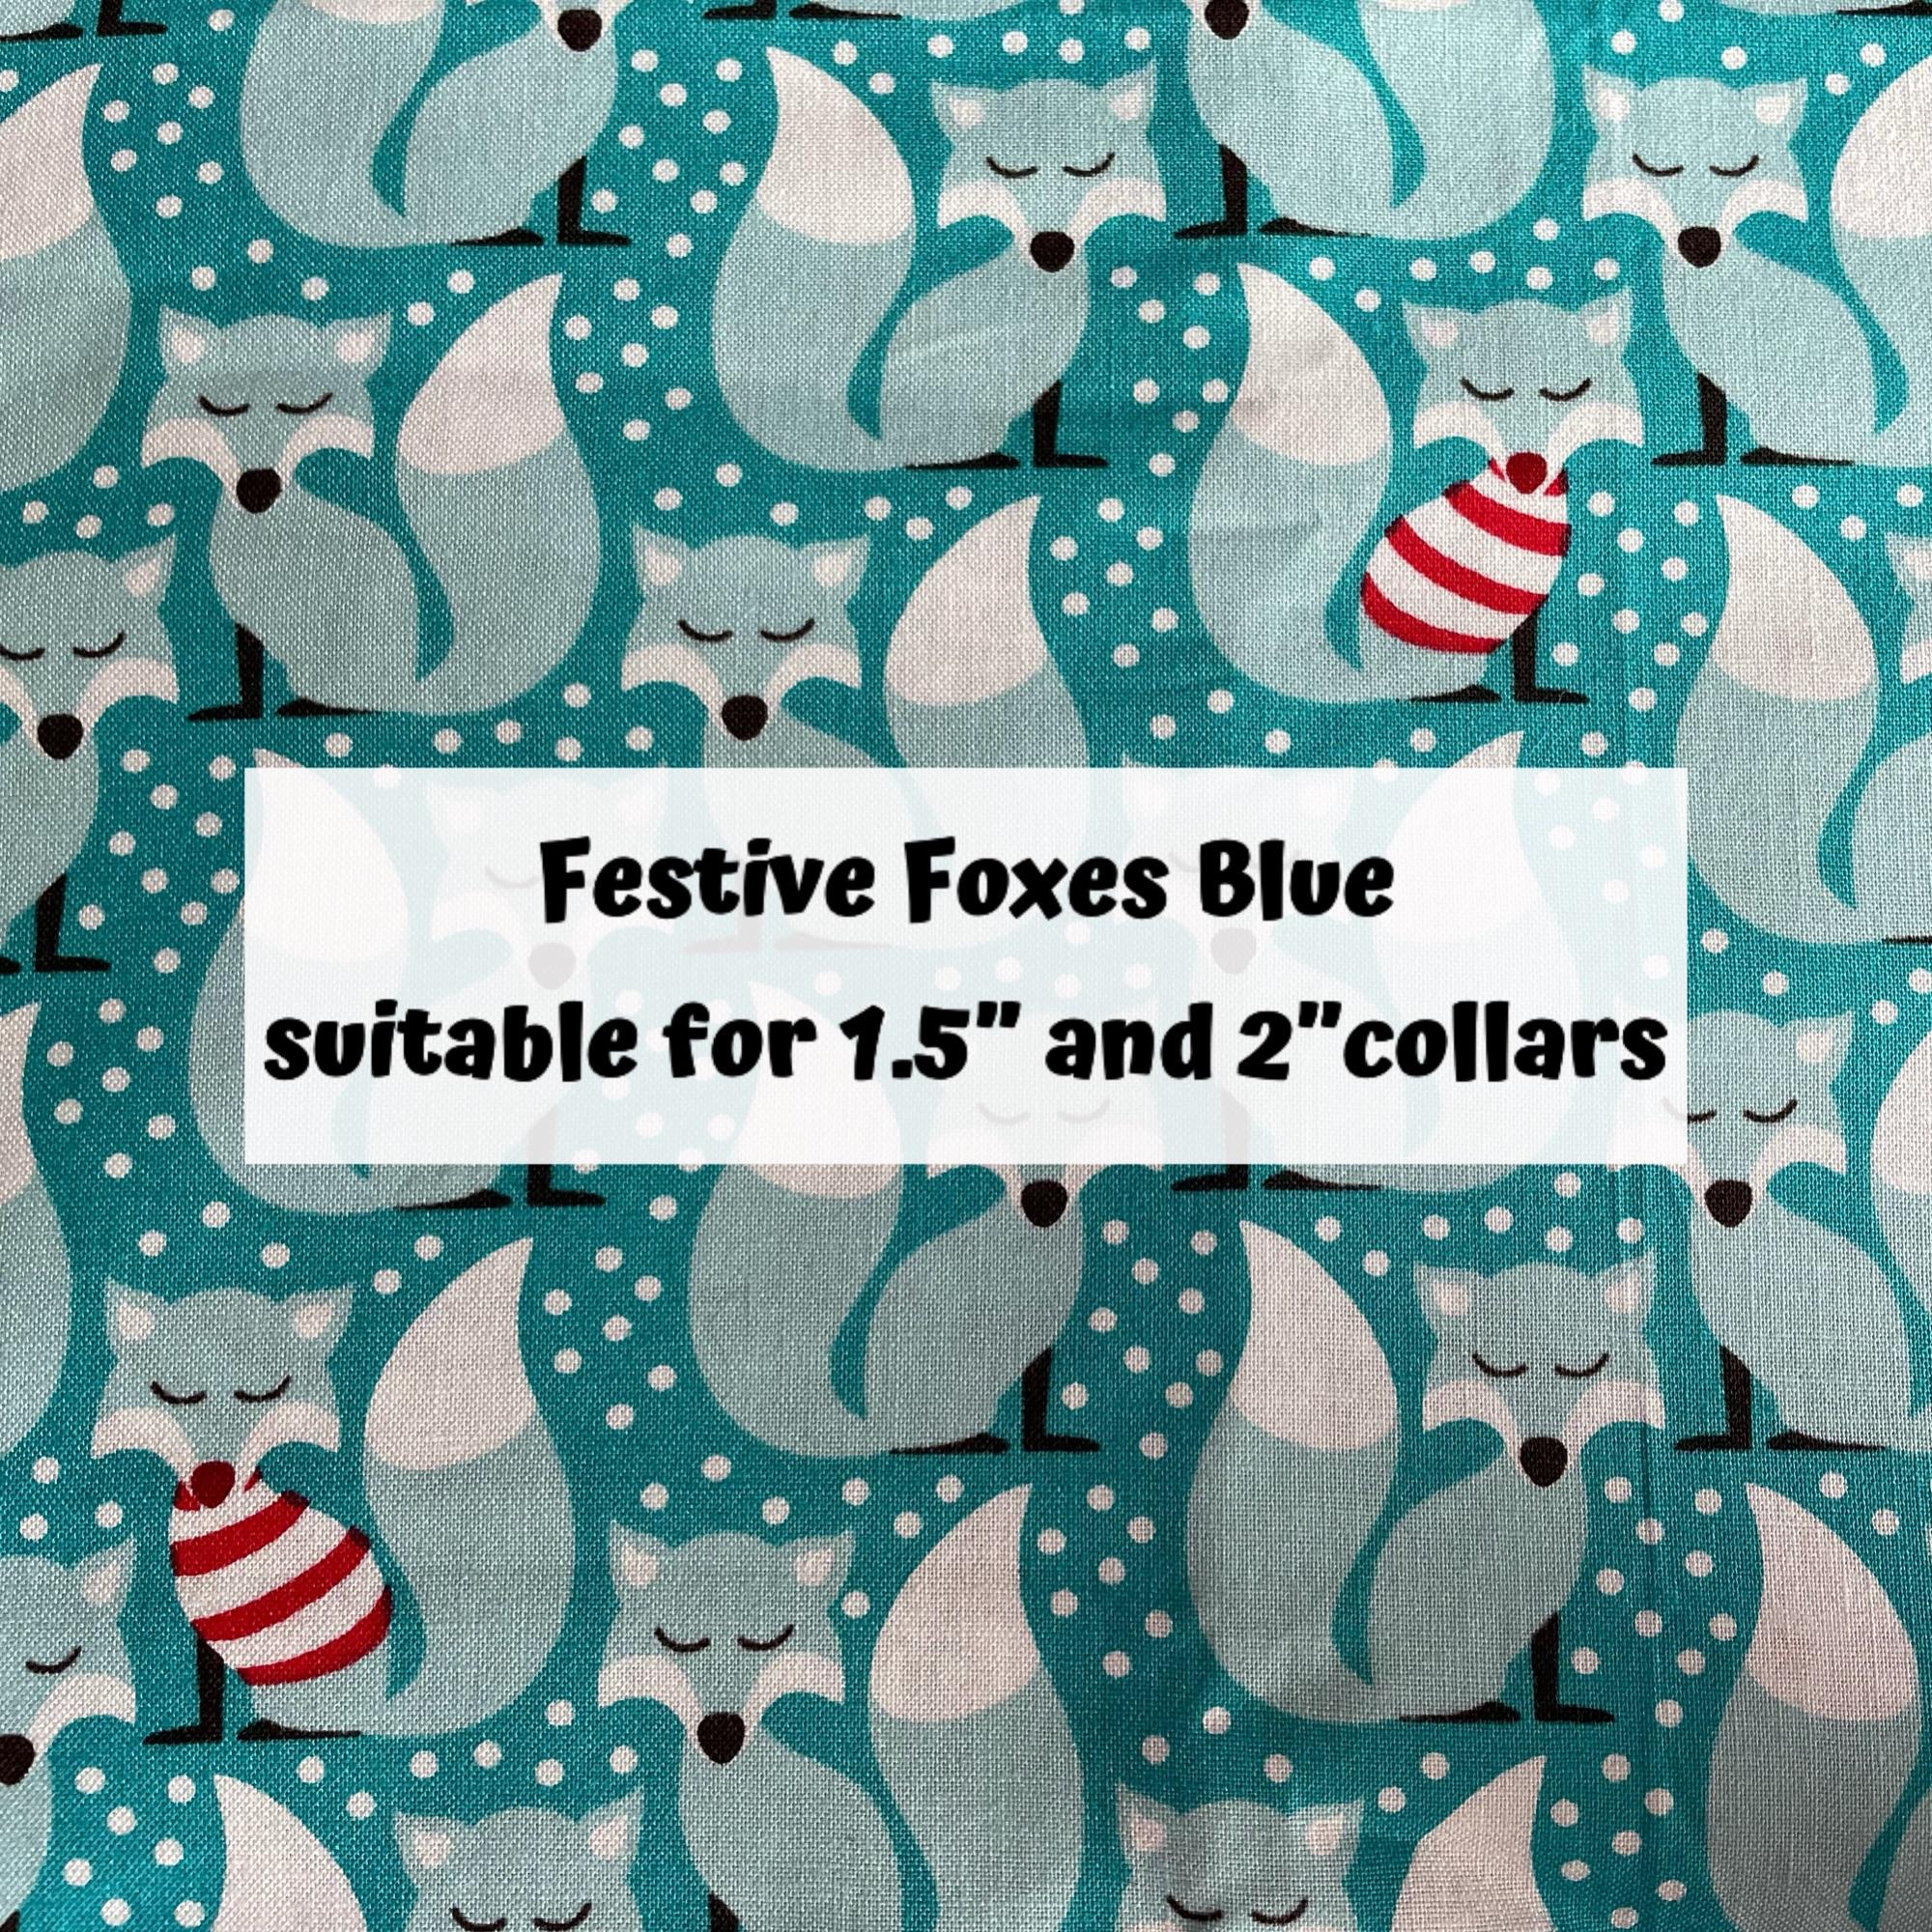 Festive Foxes Blue